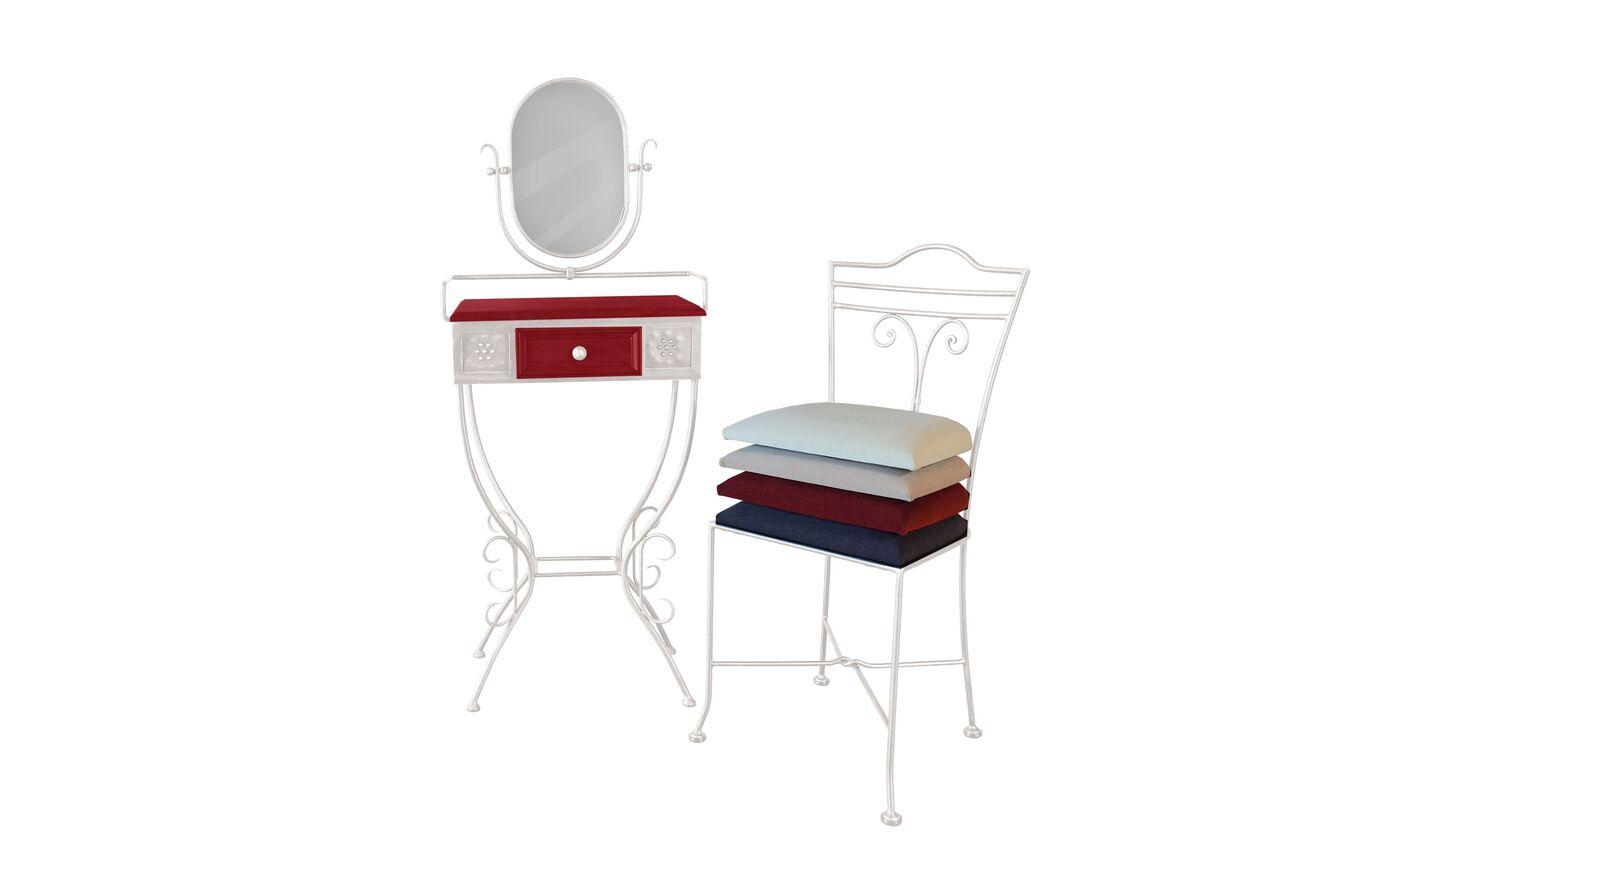 Schminktisch und Stuhl Loria aus weißem Metall und rotem Holz